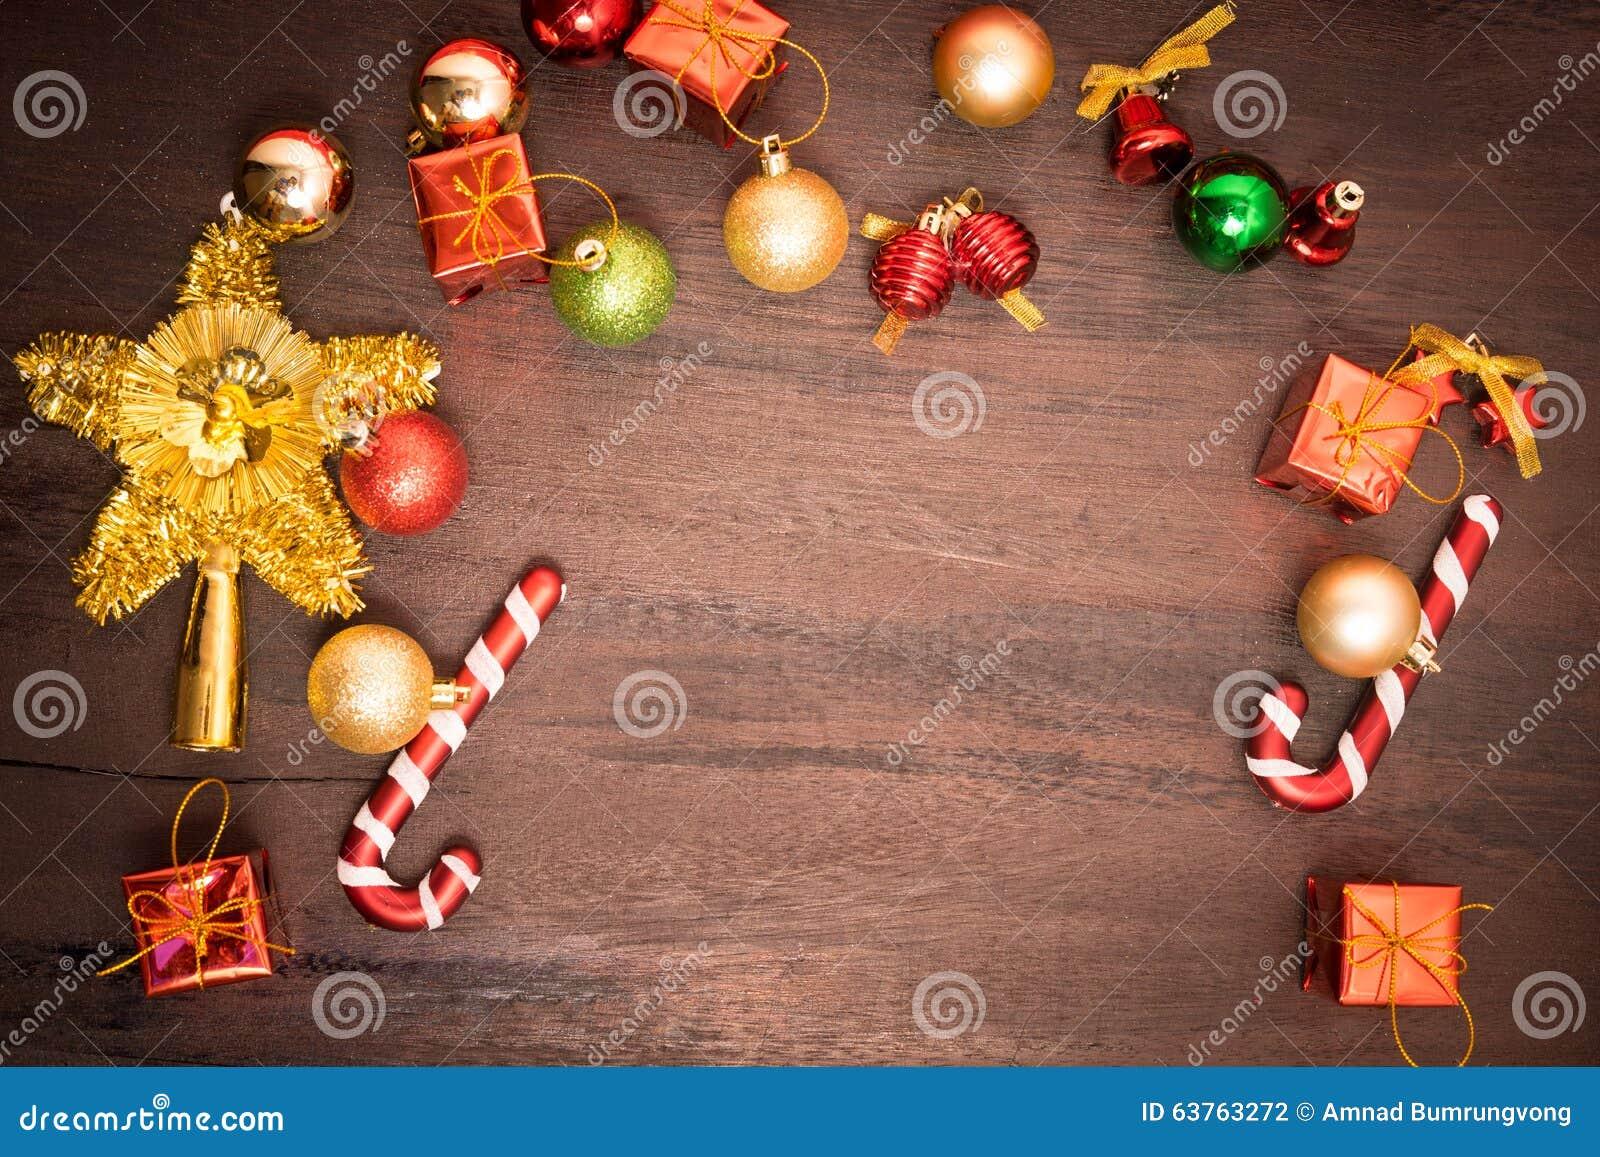 Christmas gift box, food decor and fir tree branch on wooden table.Christmas gift box, food decor and fir tree branch on wooden ta